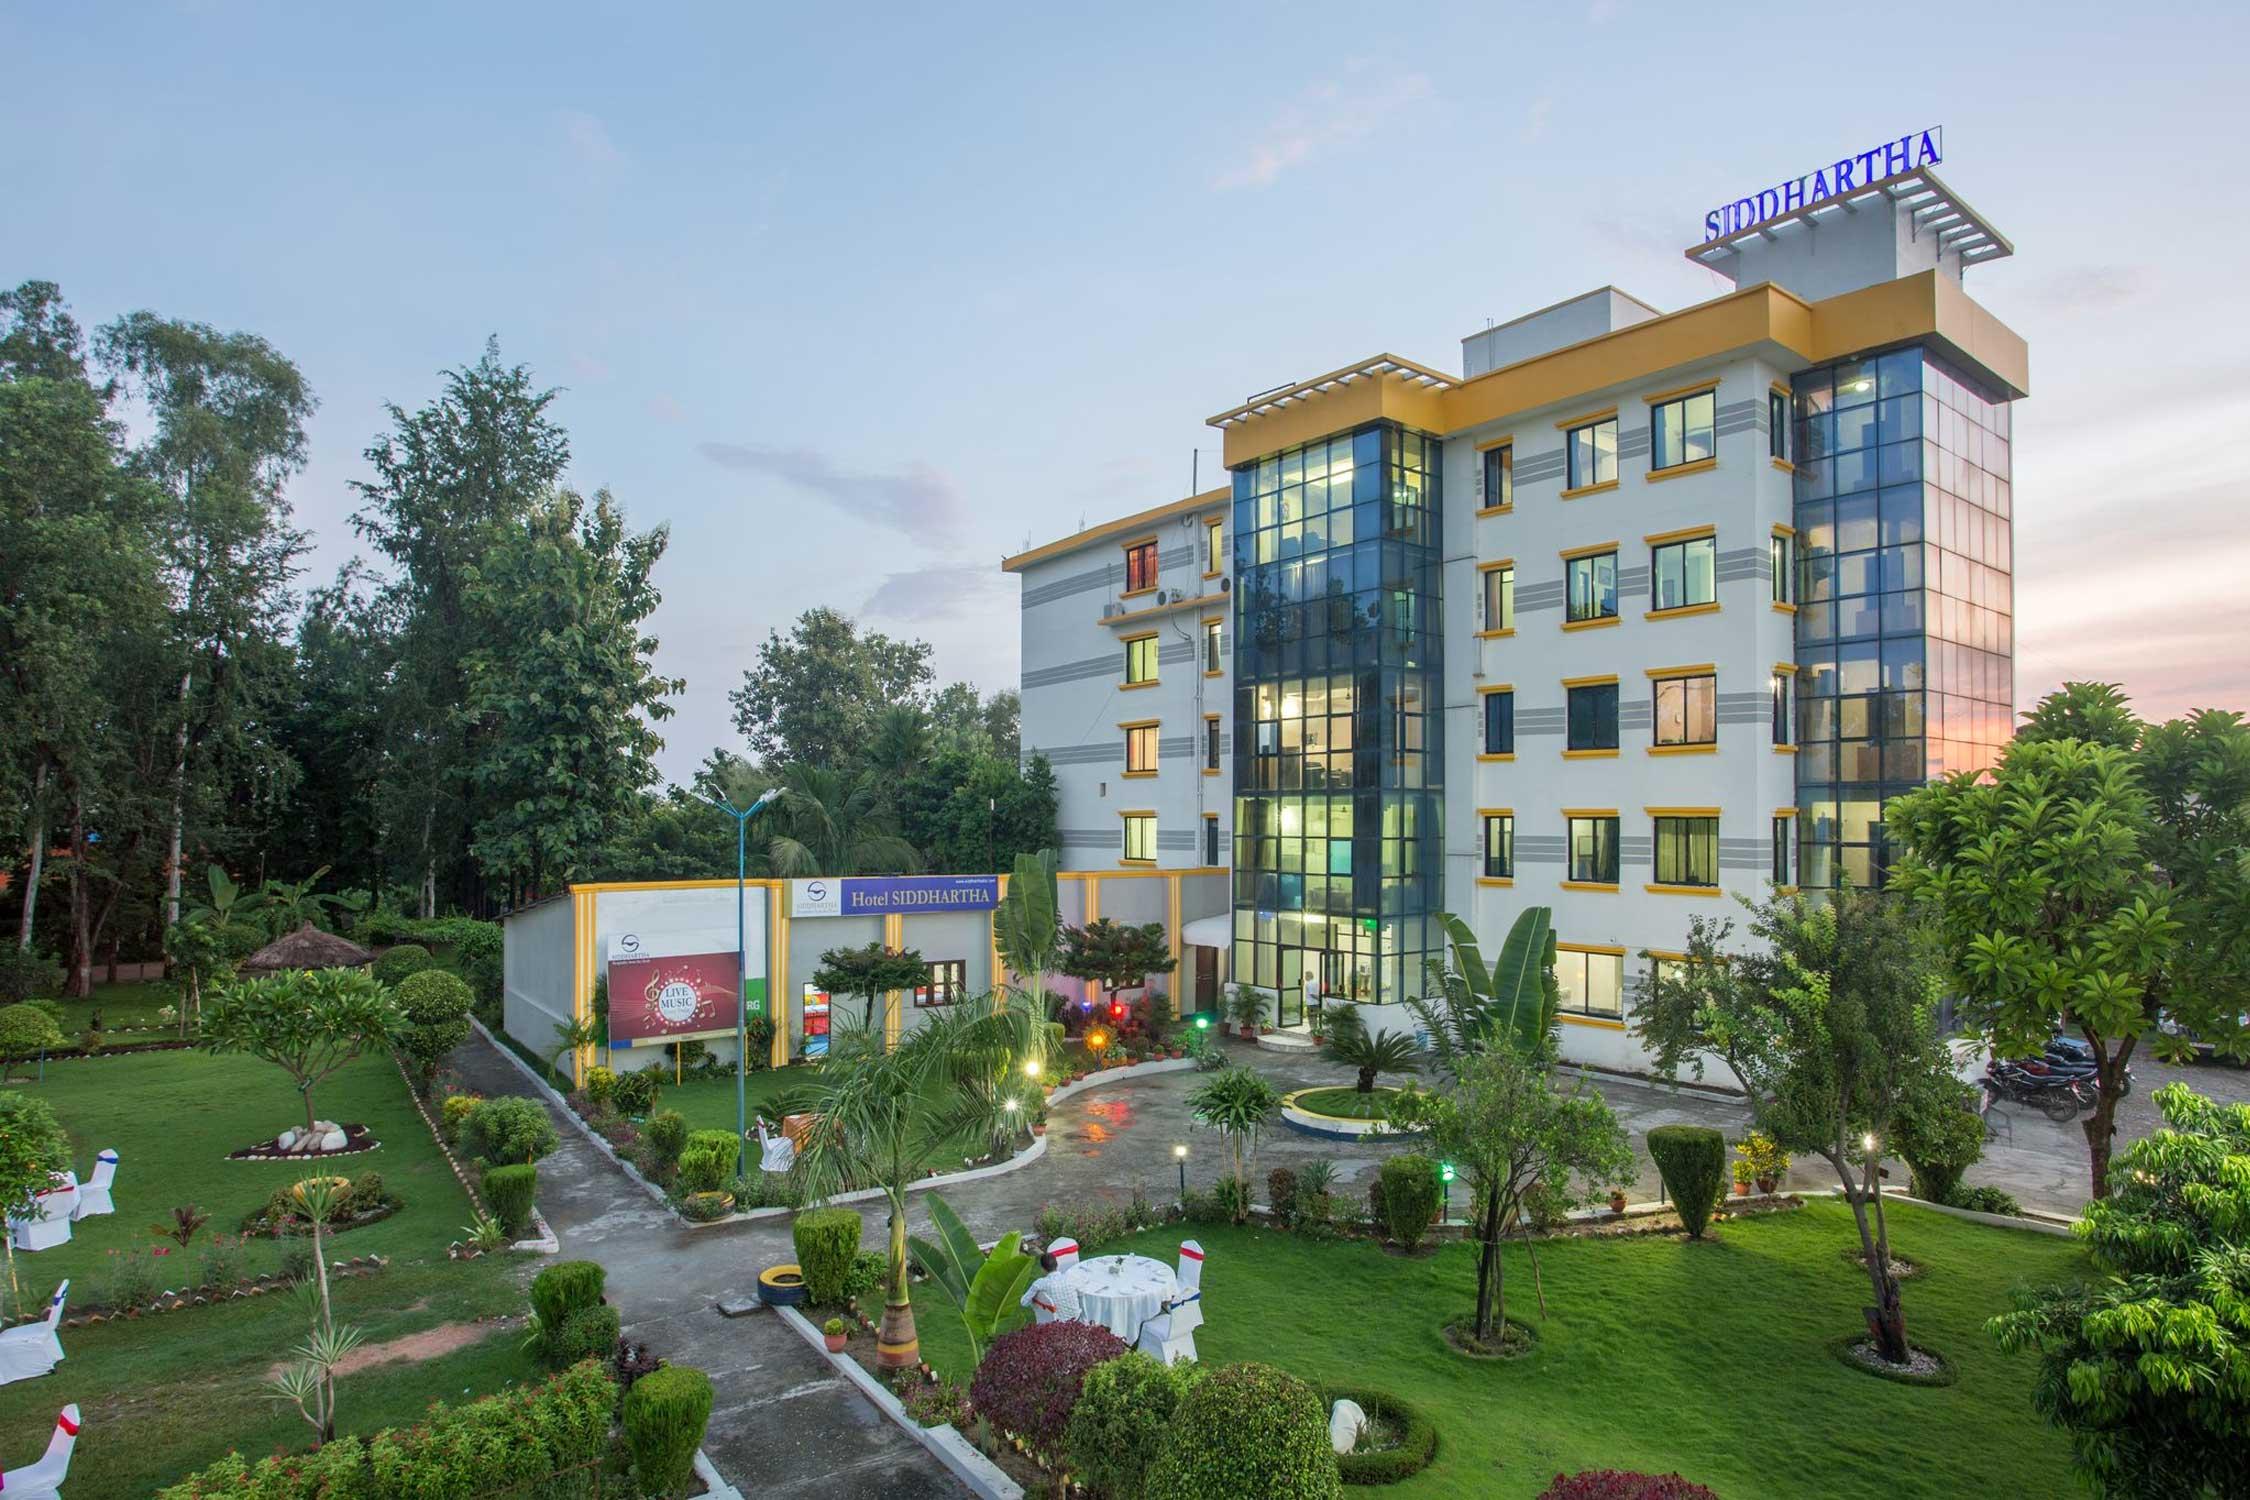 Siddhartha Hotel, Tikapur